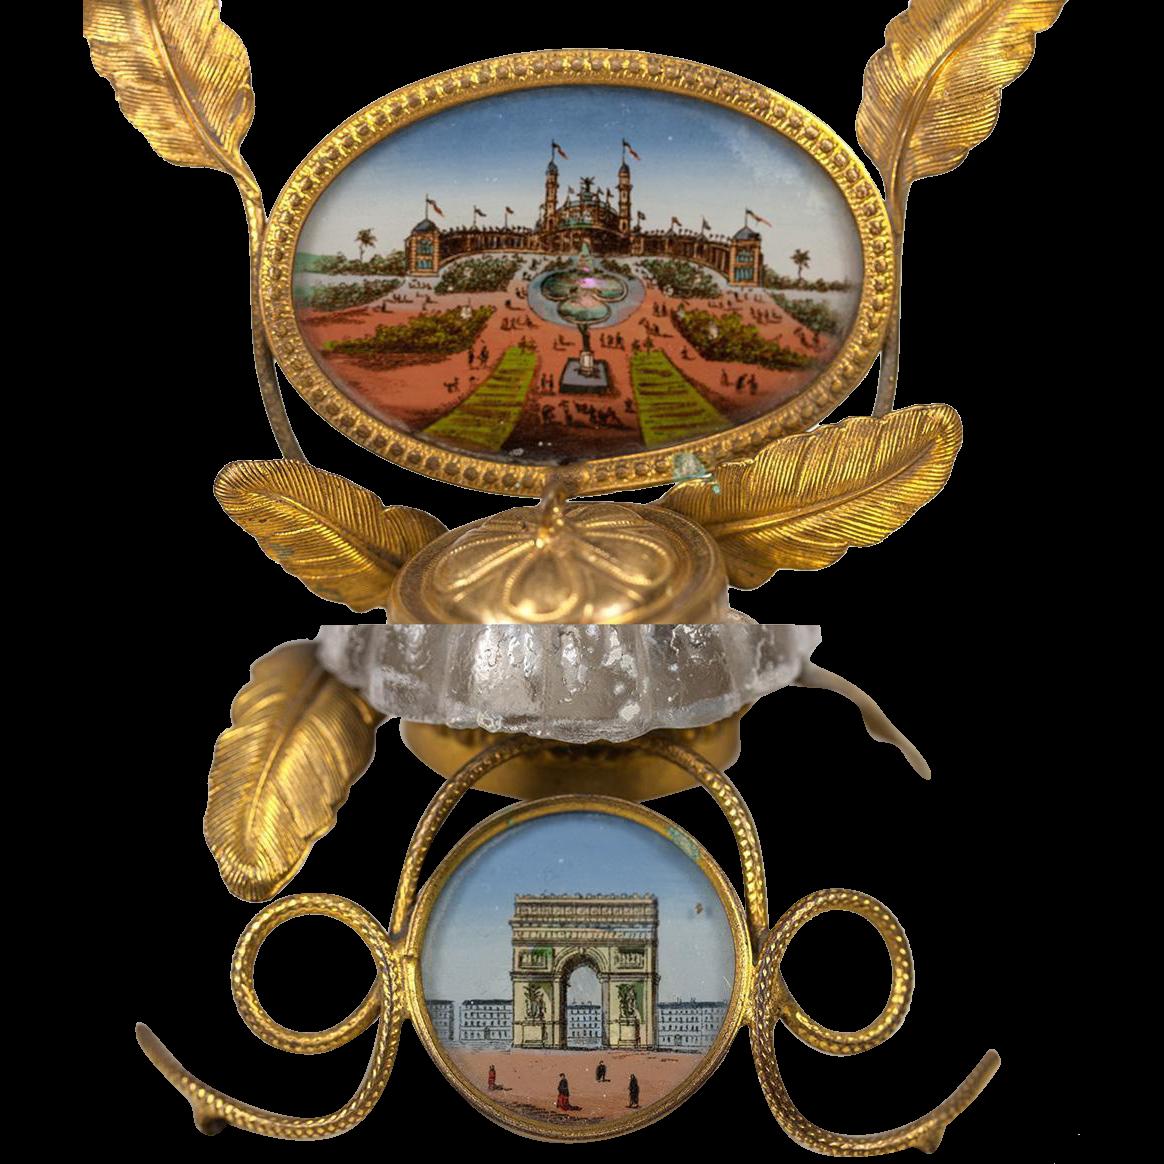 1889 Paris Expo Souvenir Eglomise Painting Inkwell - Trocadero & Arch de Triomphe, Grand Tour Souvenir